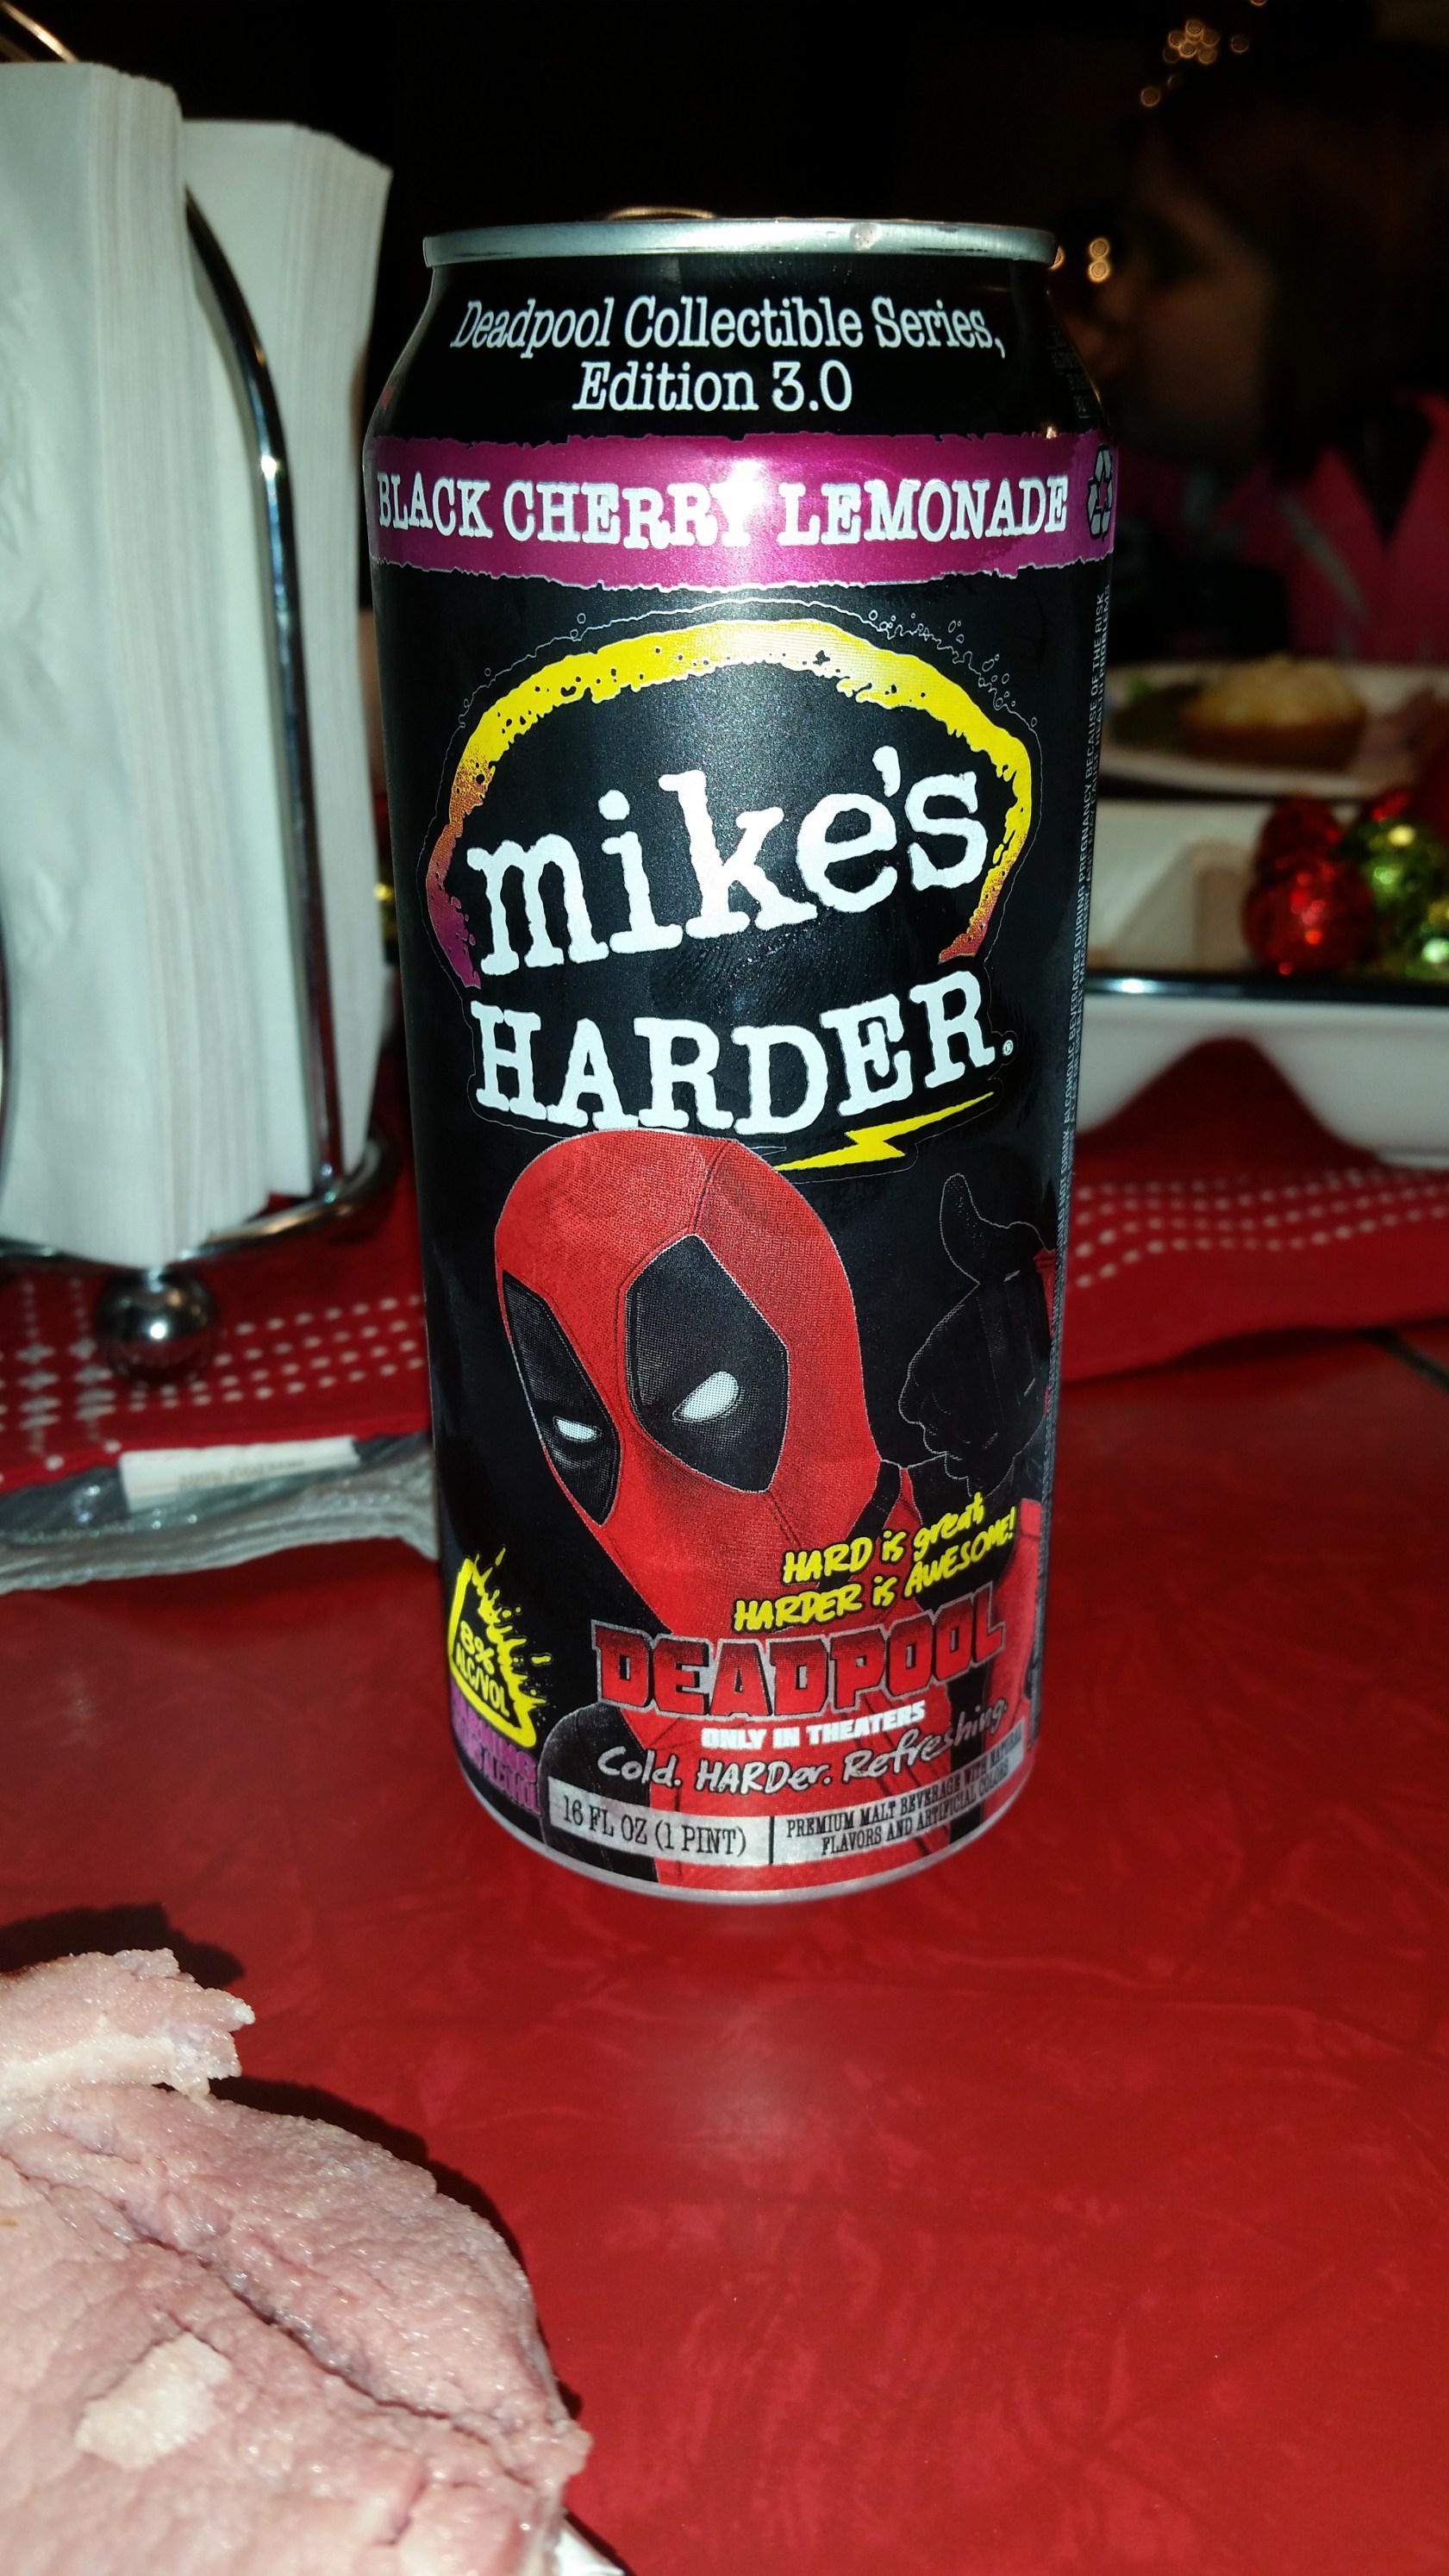 Harder Black Cherry Lemonade